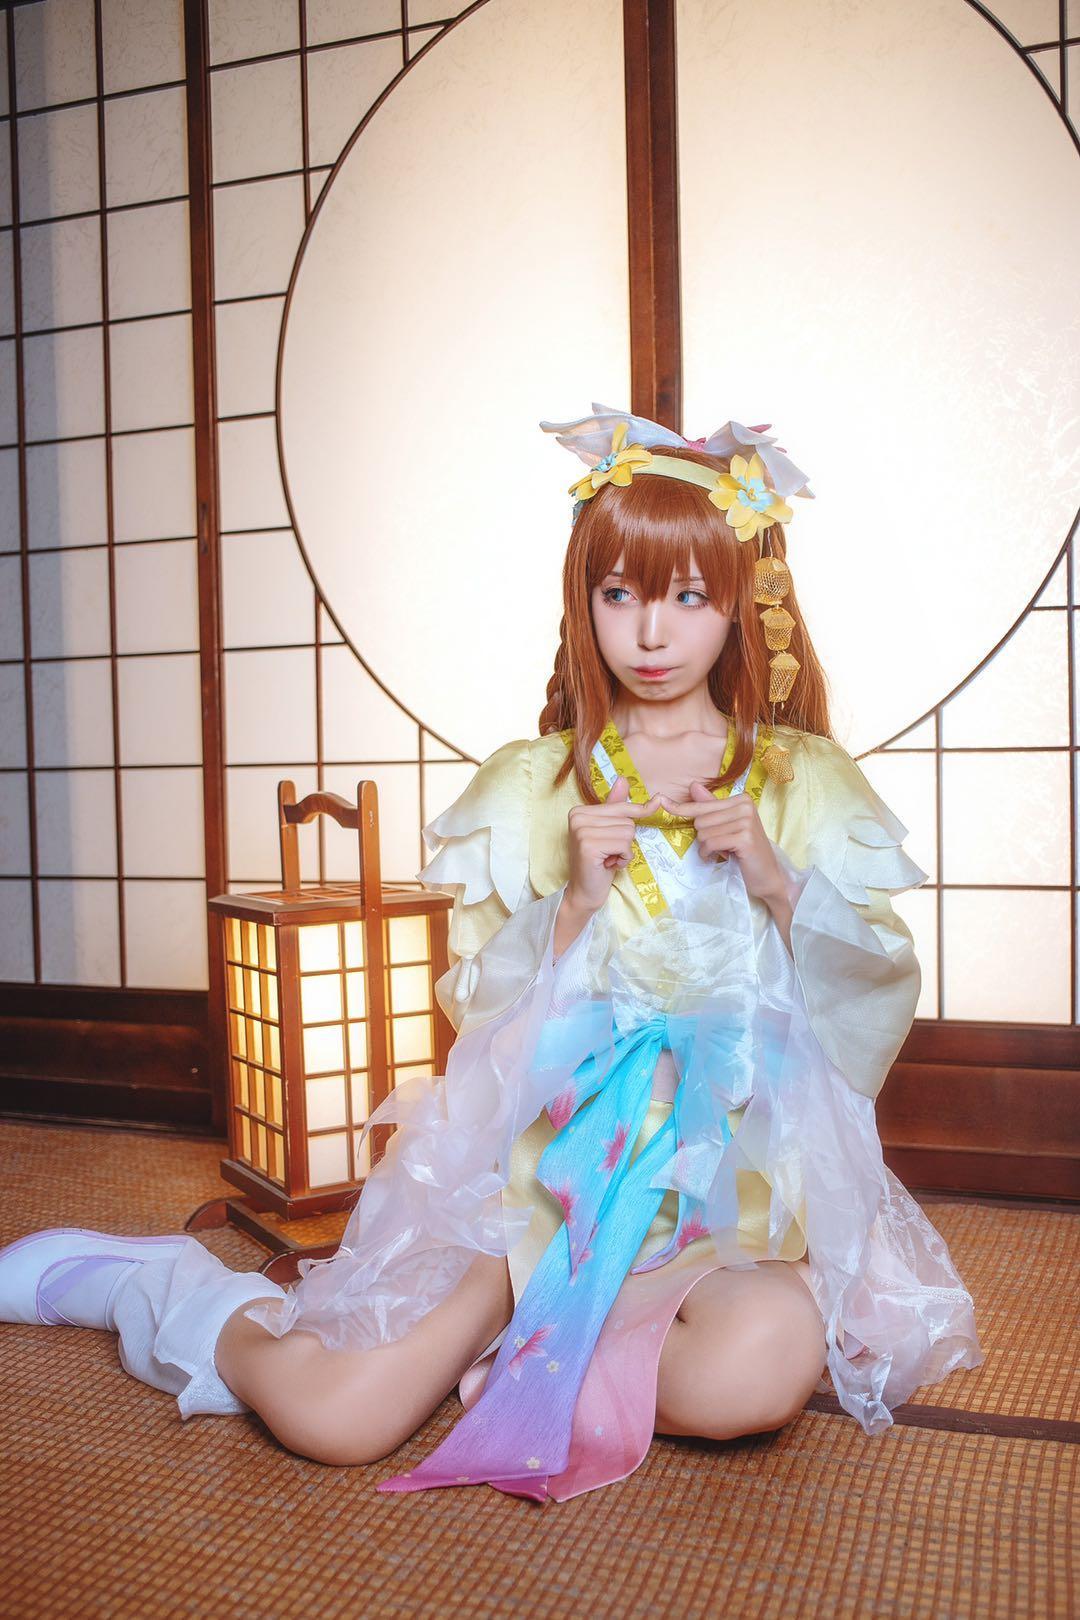 《王者荣耀》正片cosplay【CN:优优的大萝卜】-第7张